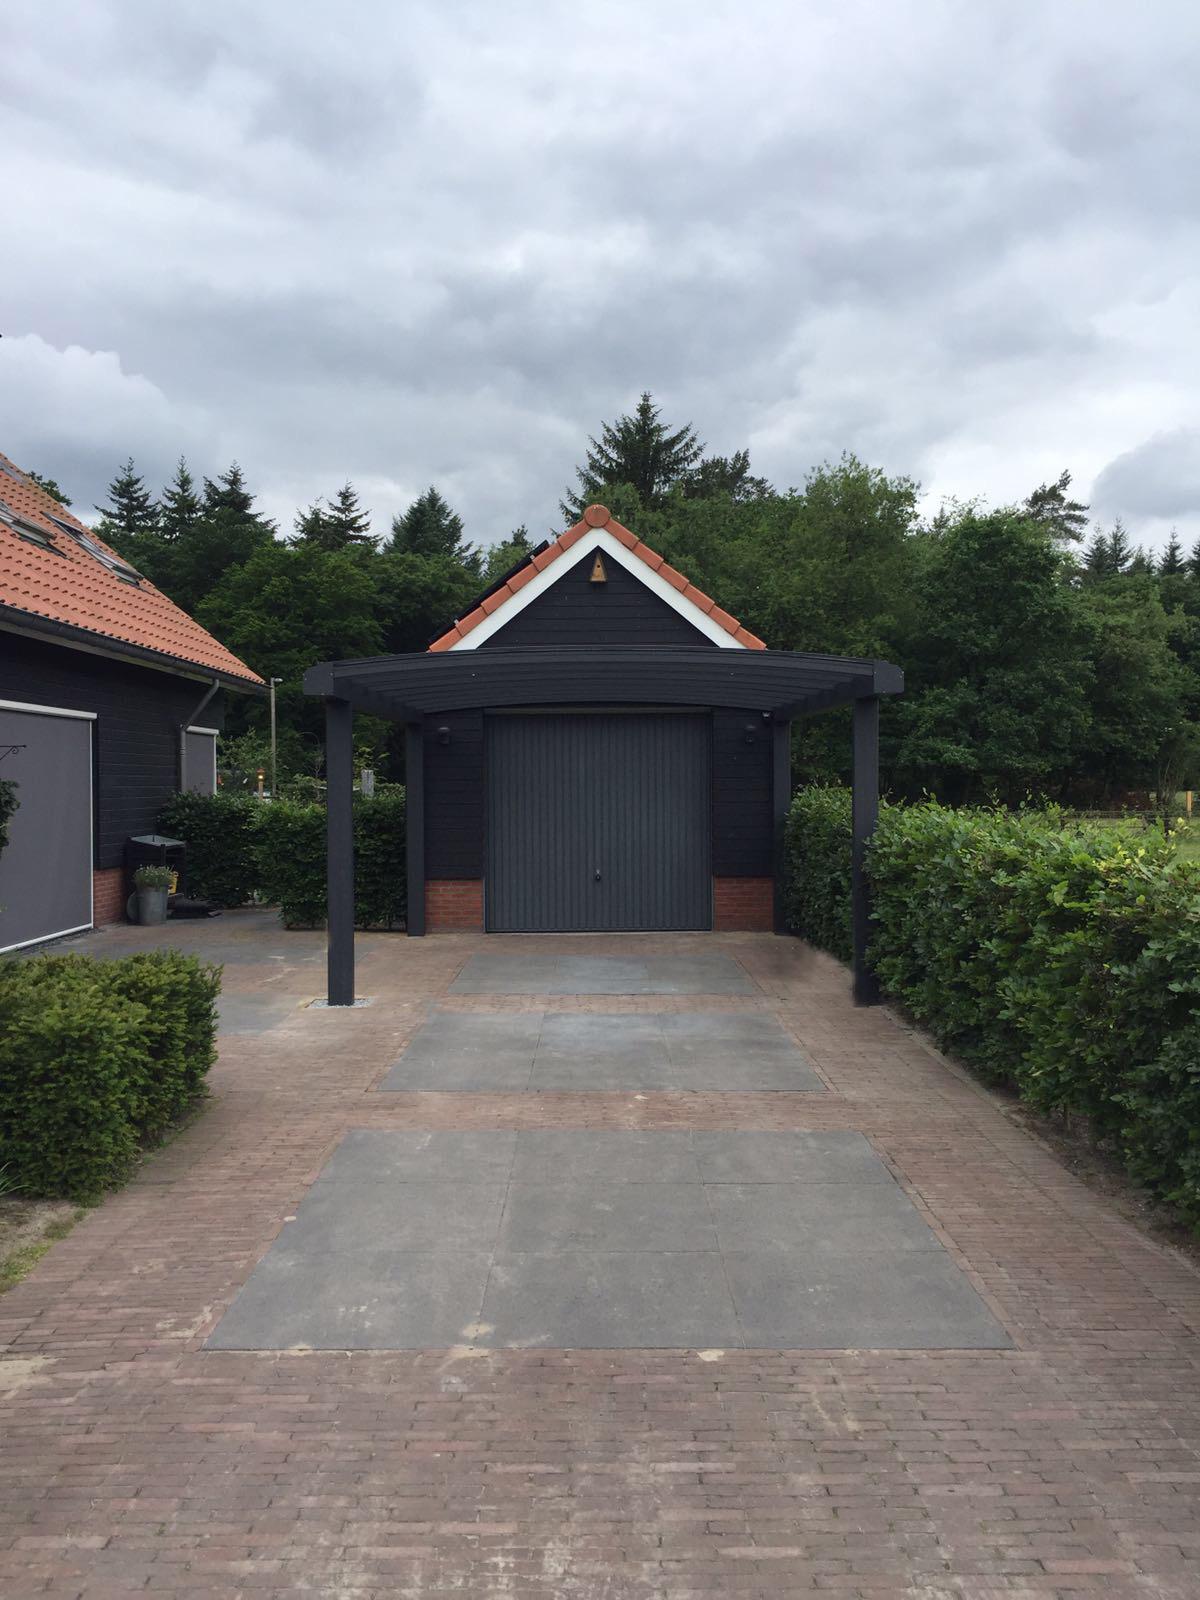 Vooraanzicht van grijze gebogen carport tegen zwarte houten garage